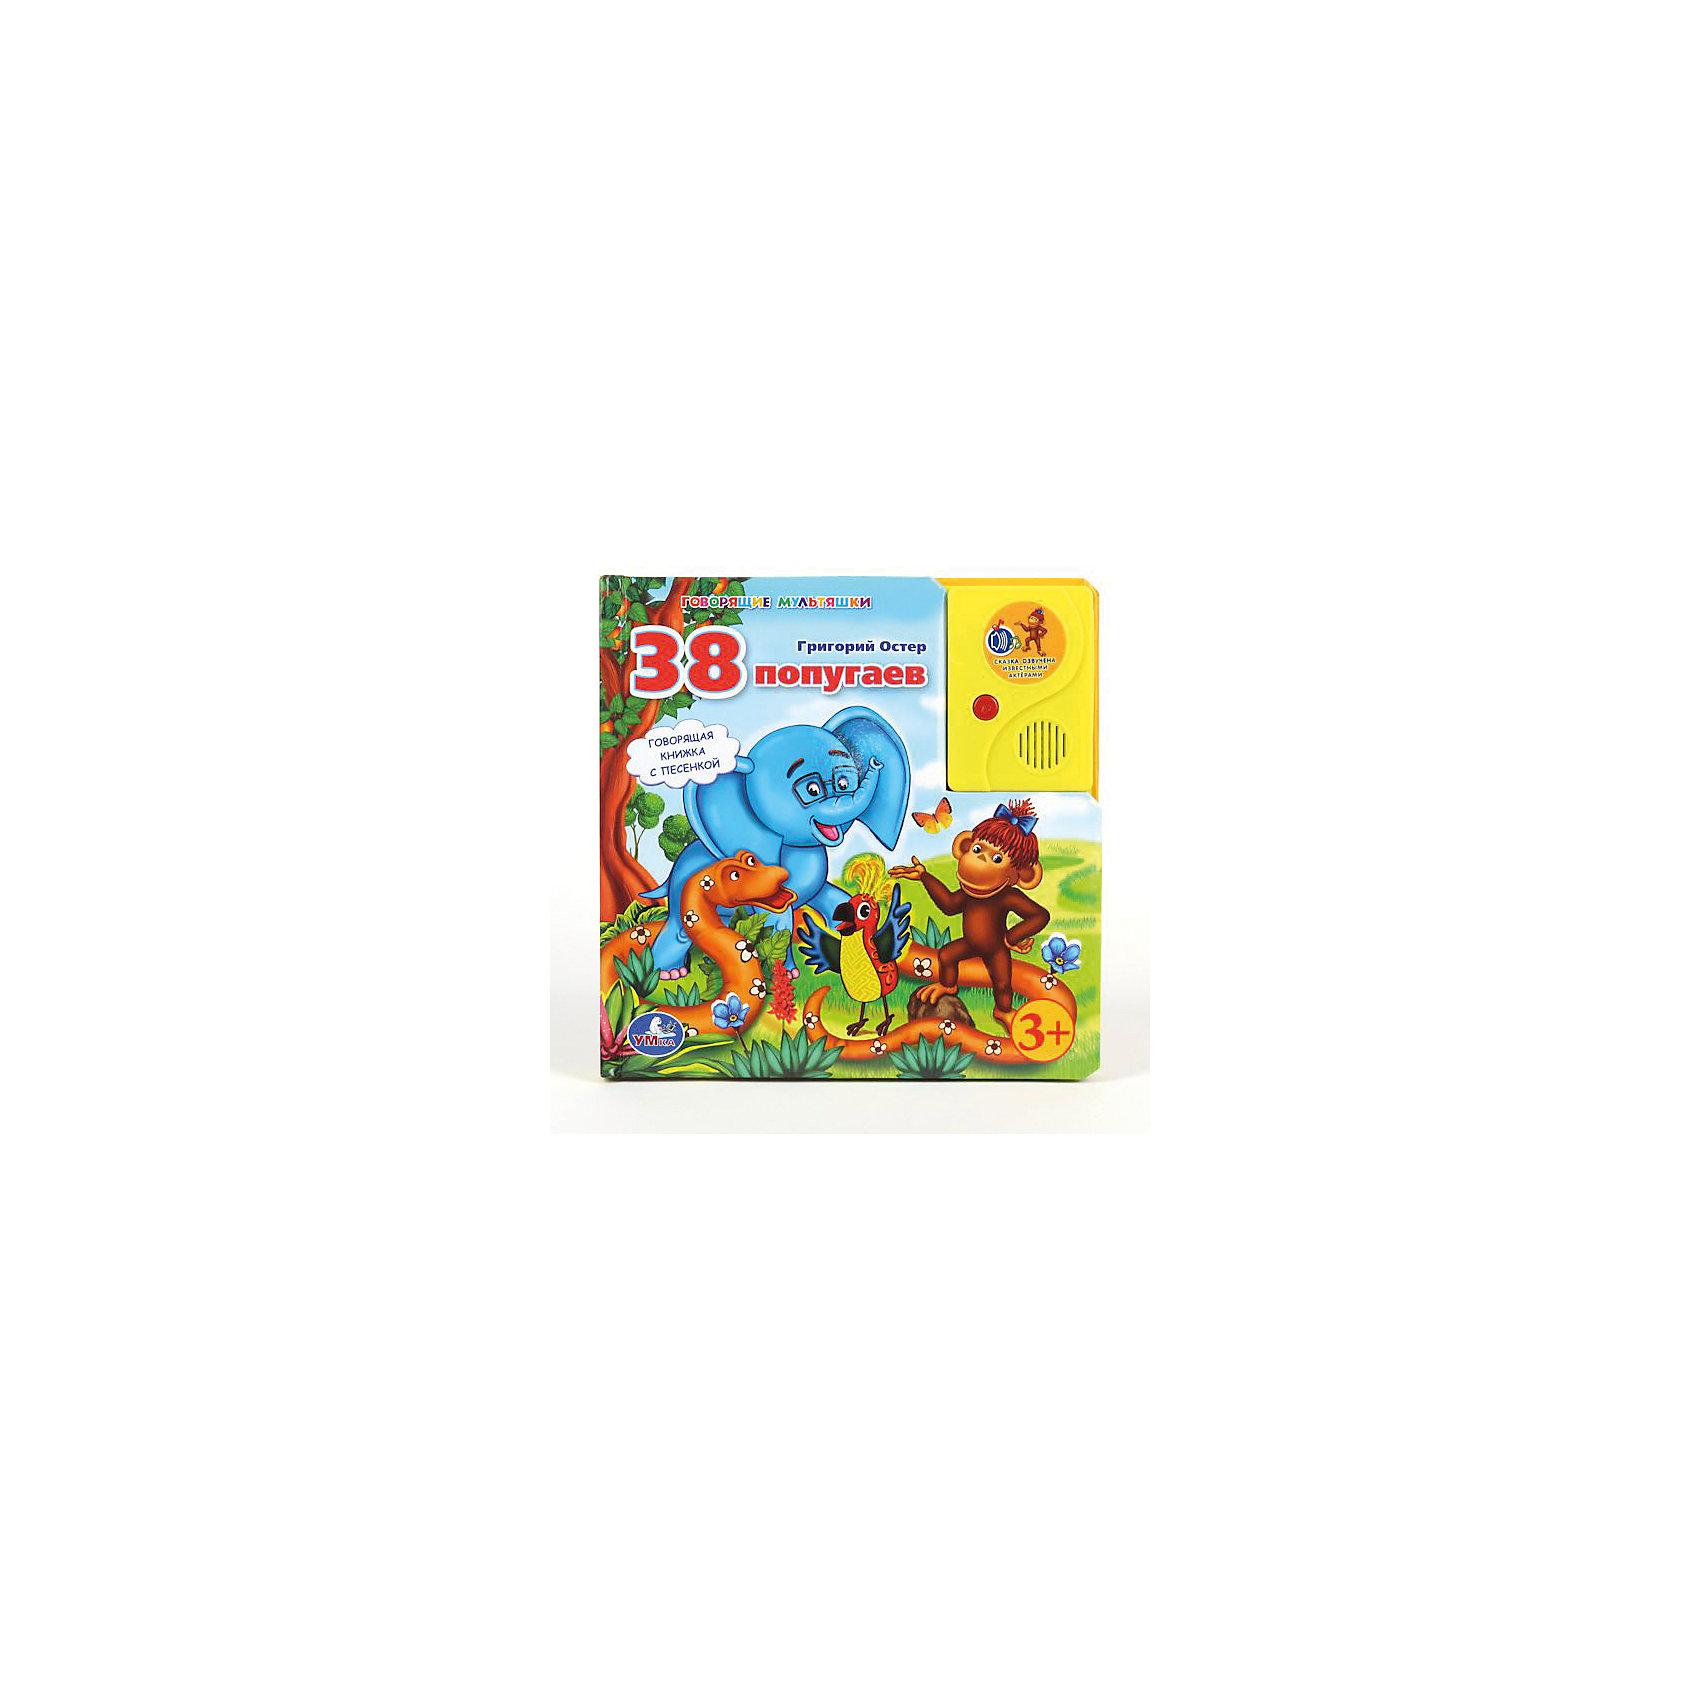 Умка Книга с аудиосказкой 38 попугаев, Г. Остер книга дизайн ногтей зеленова г с